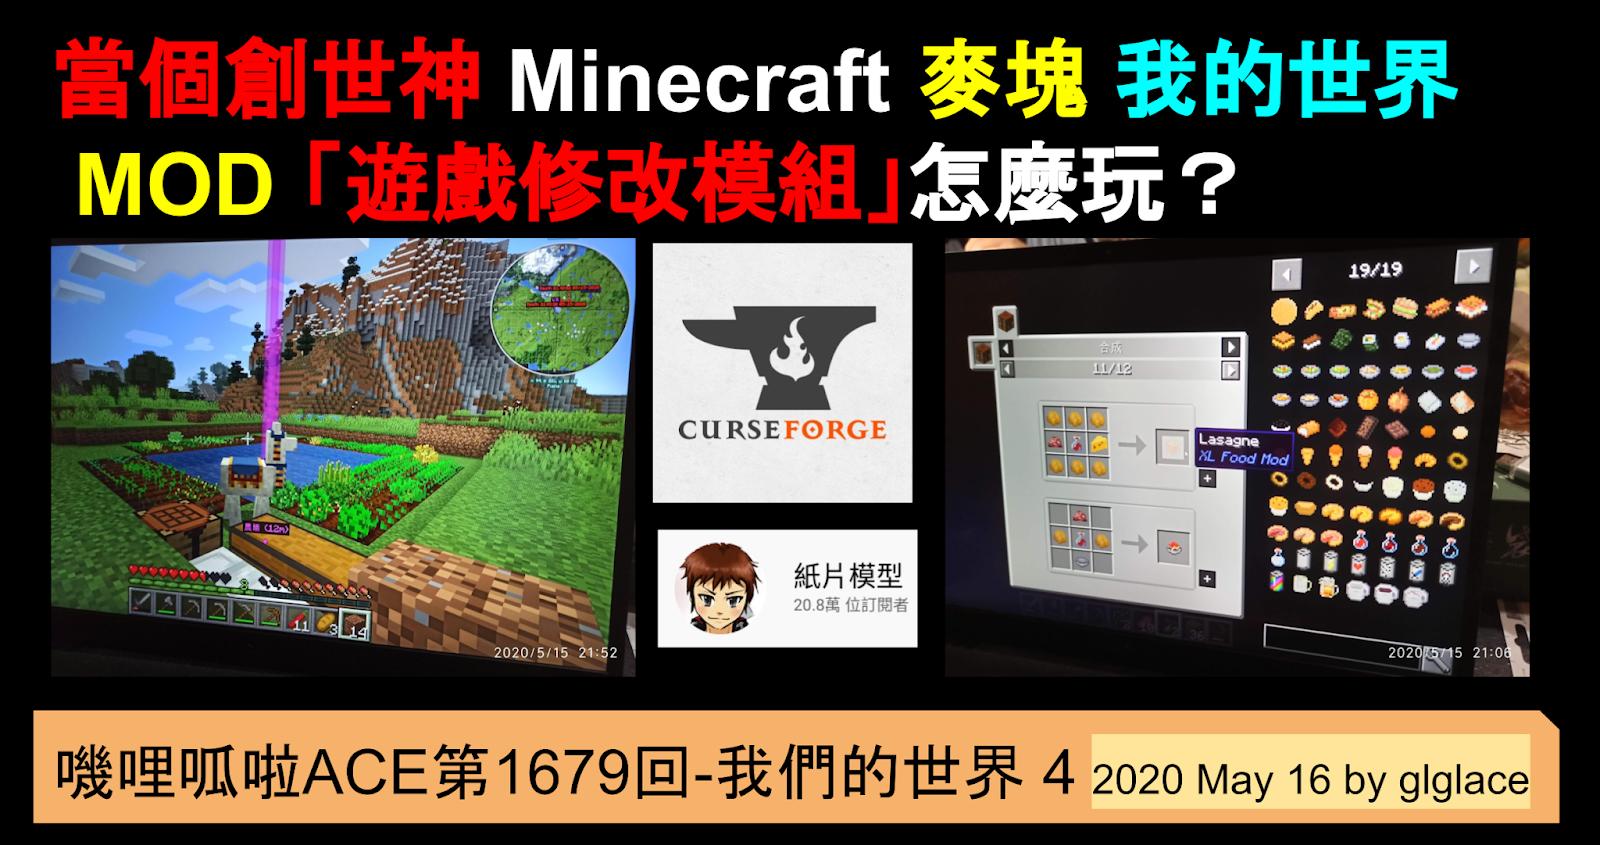 第1679回-我們的世界 Minecraft -04- MOD 「遊戲修改模組」介紹